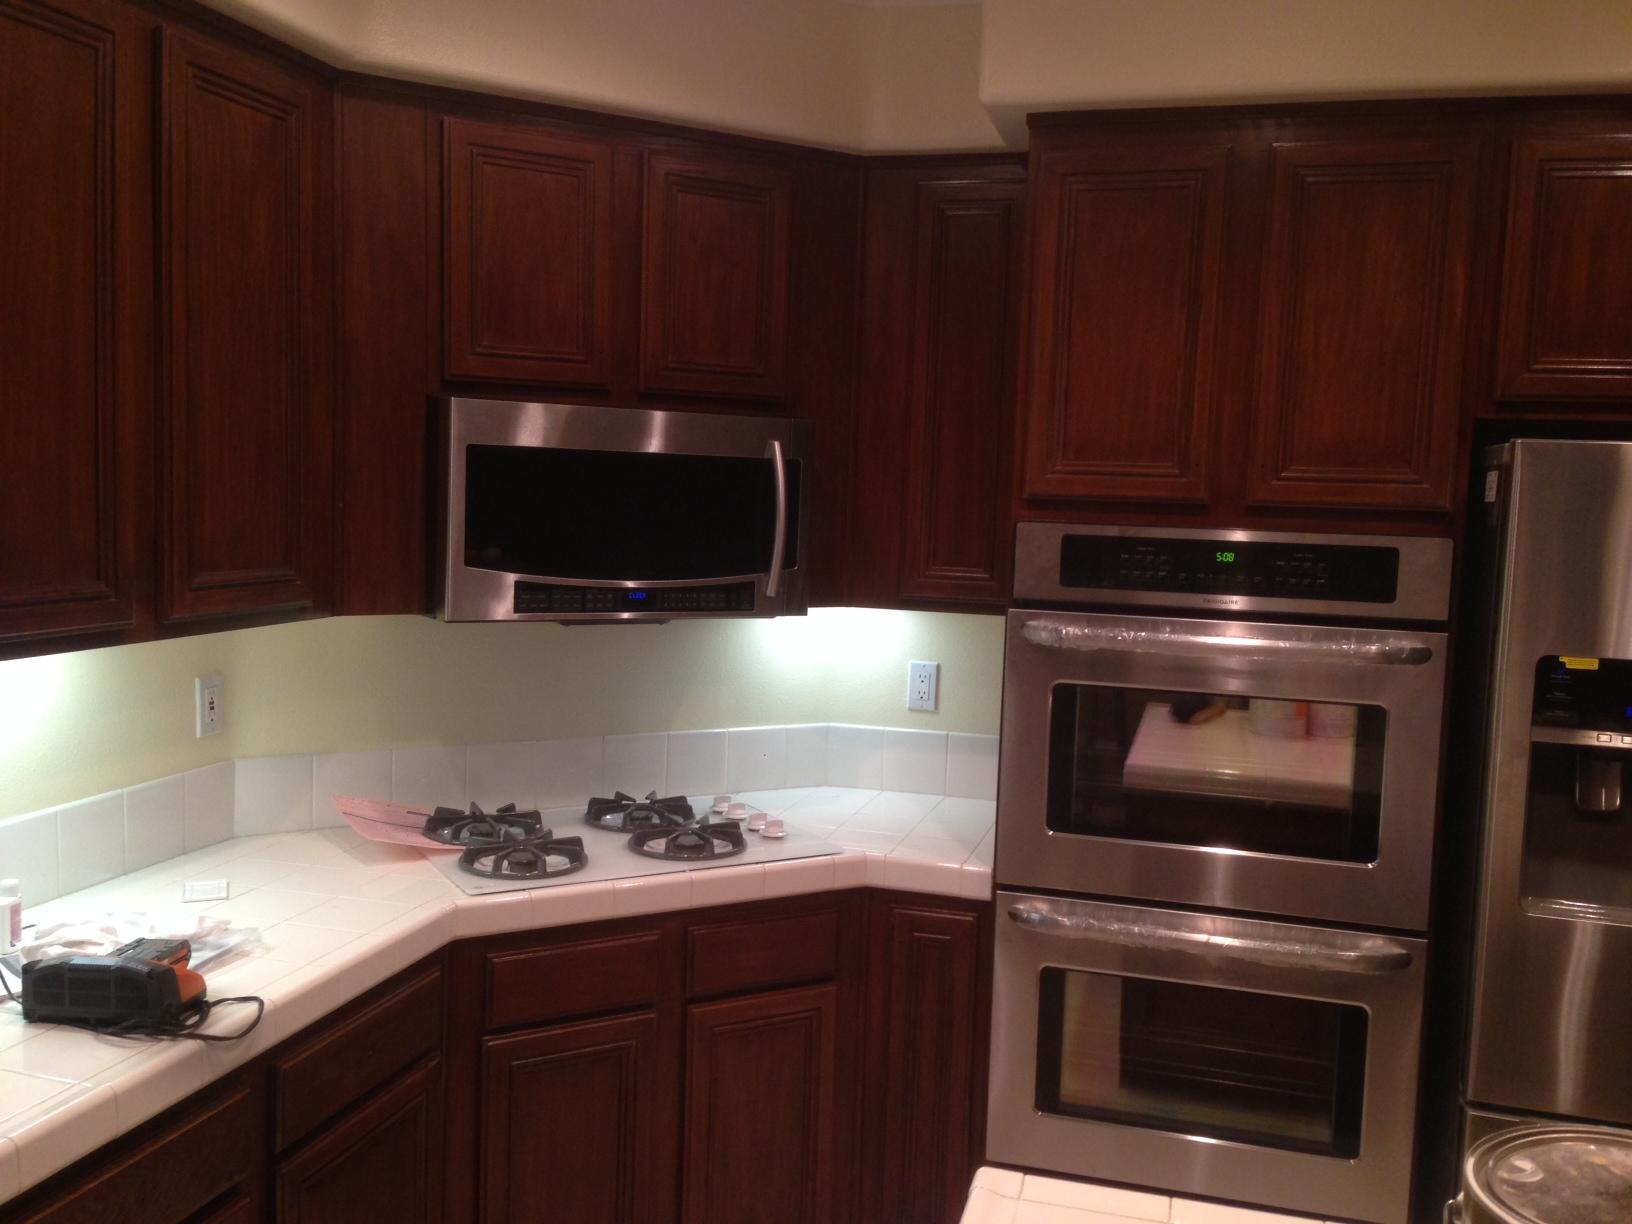 kitchen cabinet refinishing kitchen cabinet refinishing temecula kitchen refinishing before photo kitchen cabinet refinishing temecula